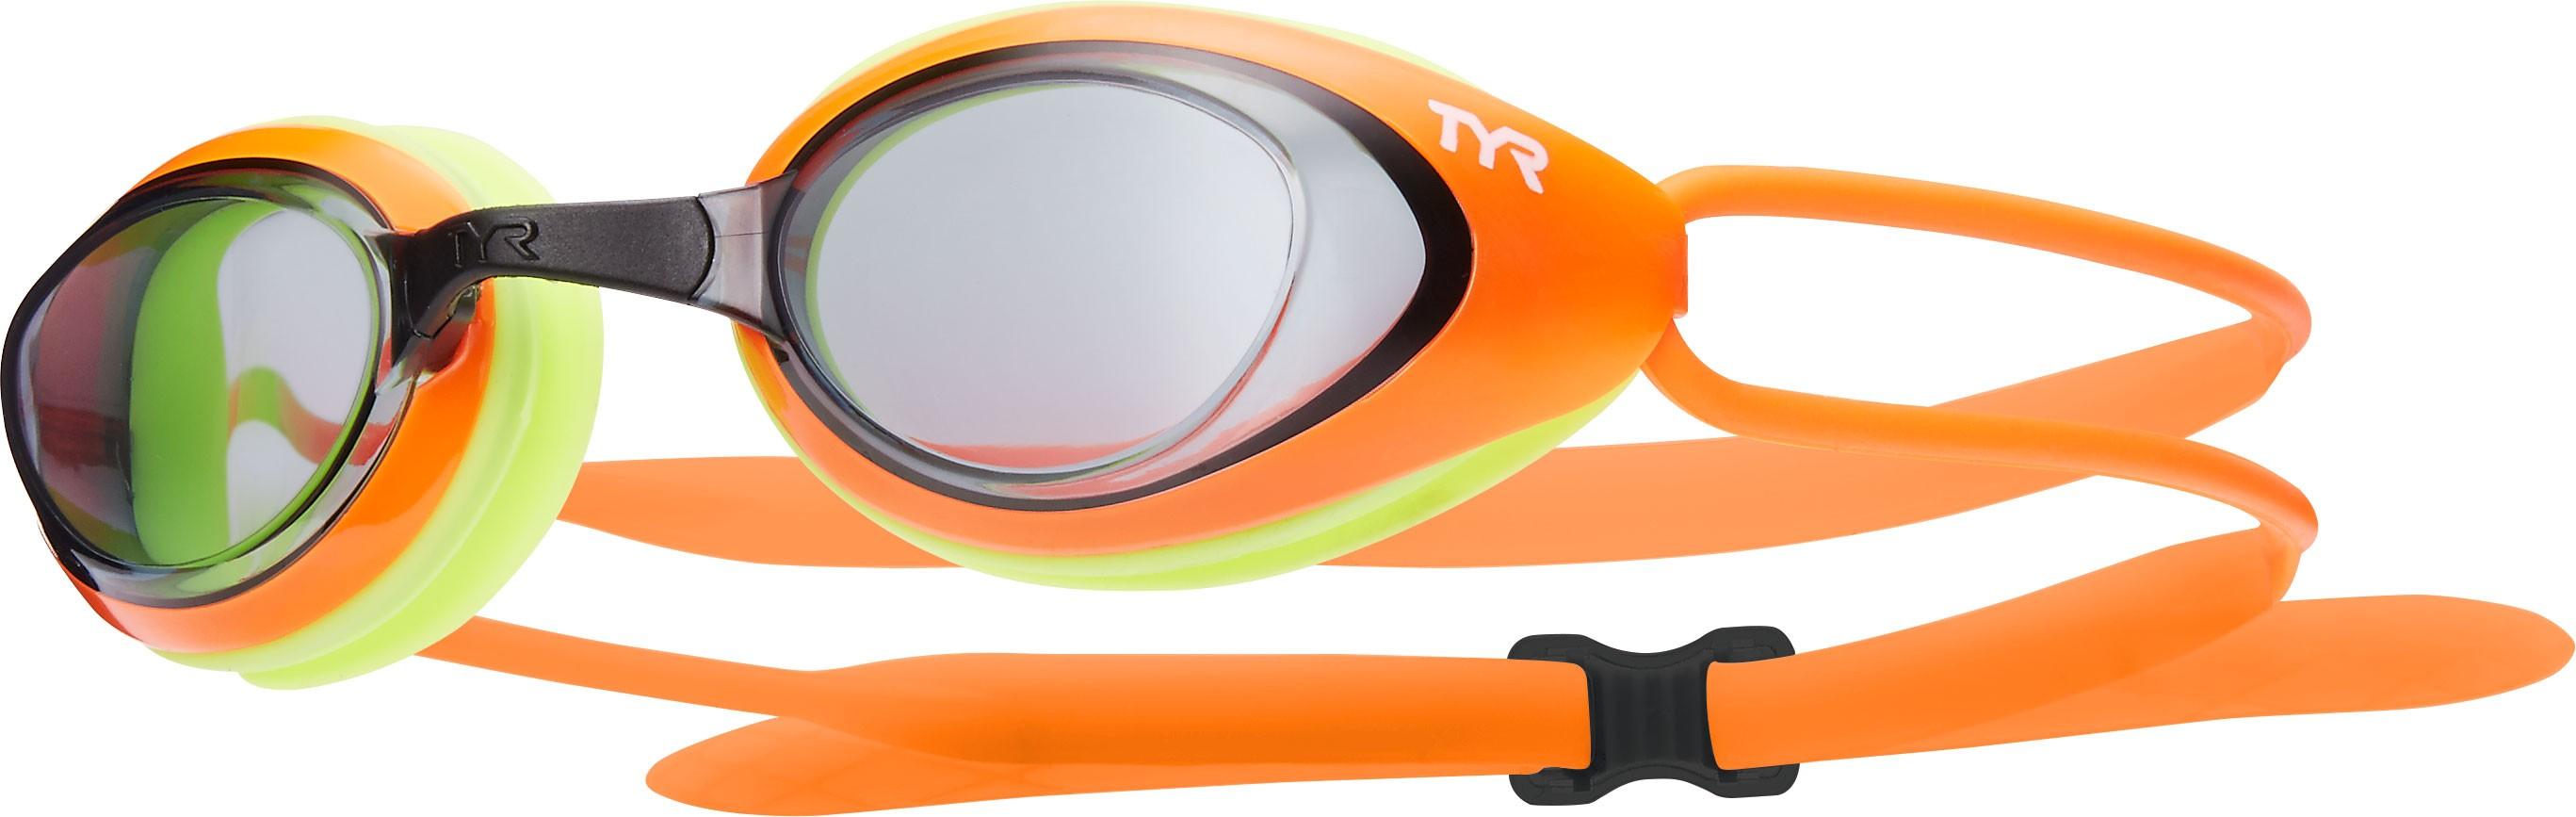 cdc5062de98 TYR Blackhawk Racing Adult Goggles